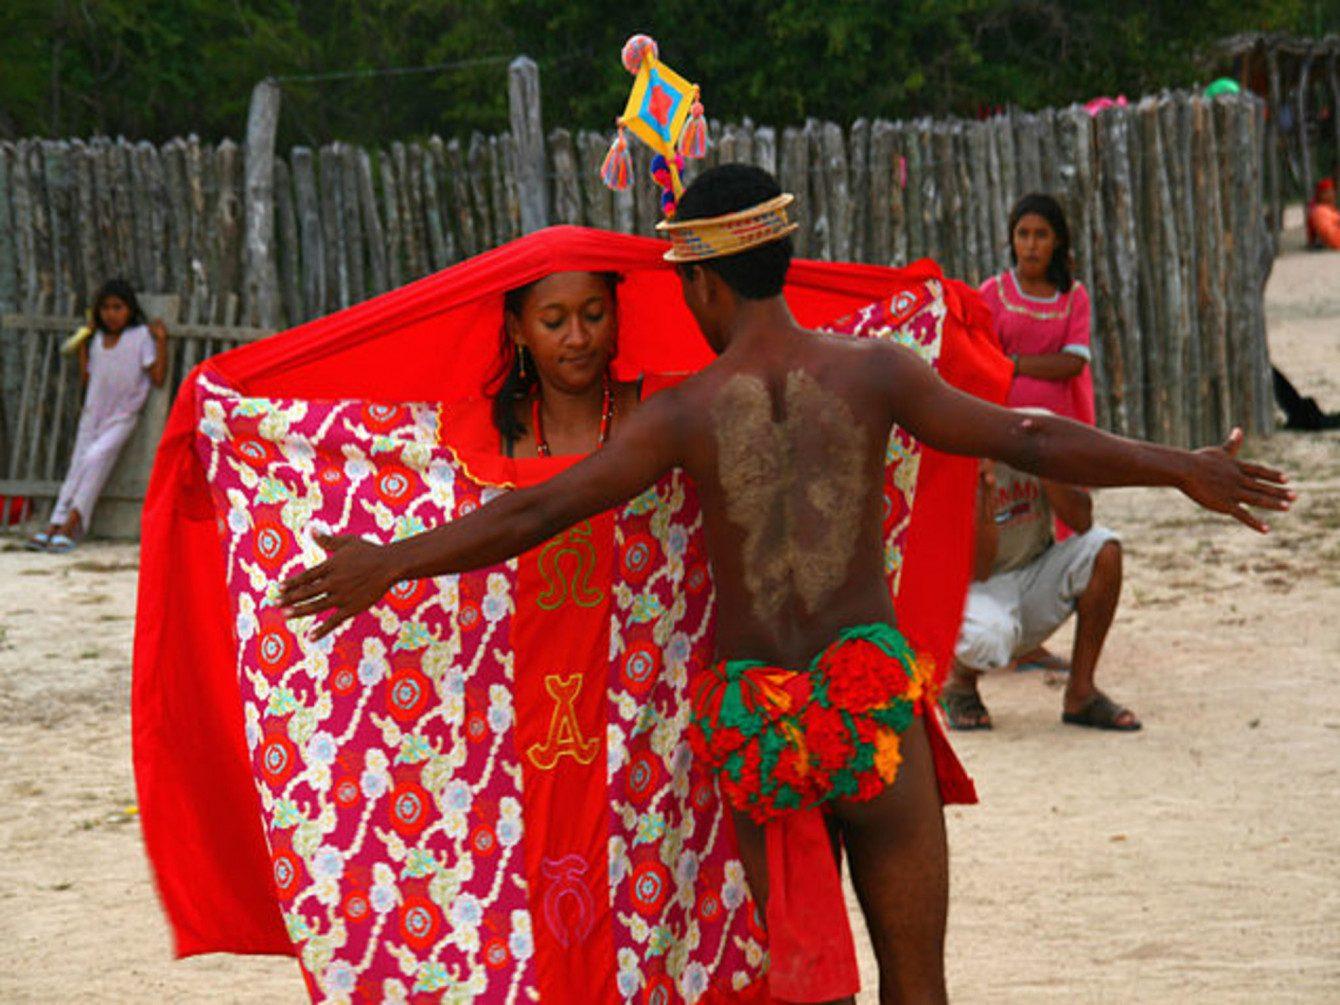 Die Reise im Boot von Kolumbien nach Panama ist ein Abenteuer, das alle Reiseherzen höher schlagen lässt. Das Paradies erwartet uns!